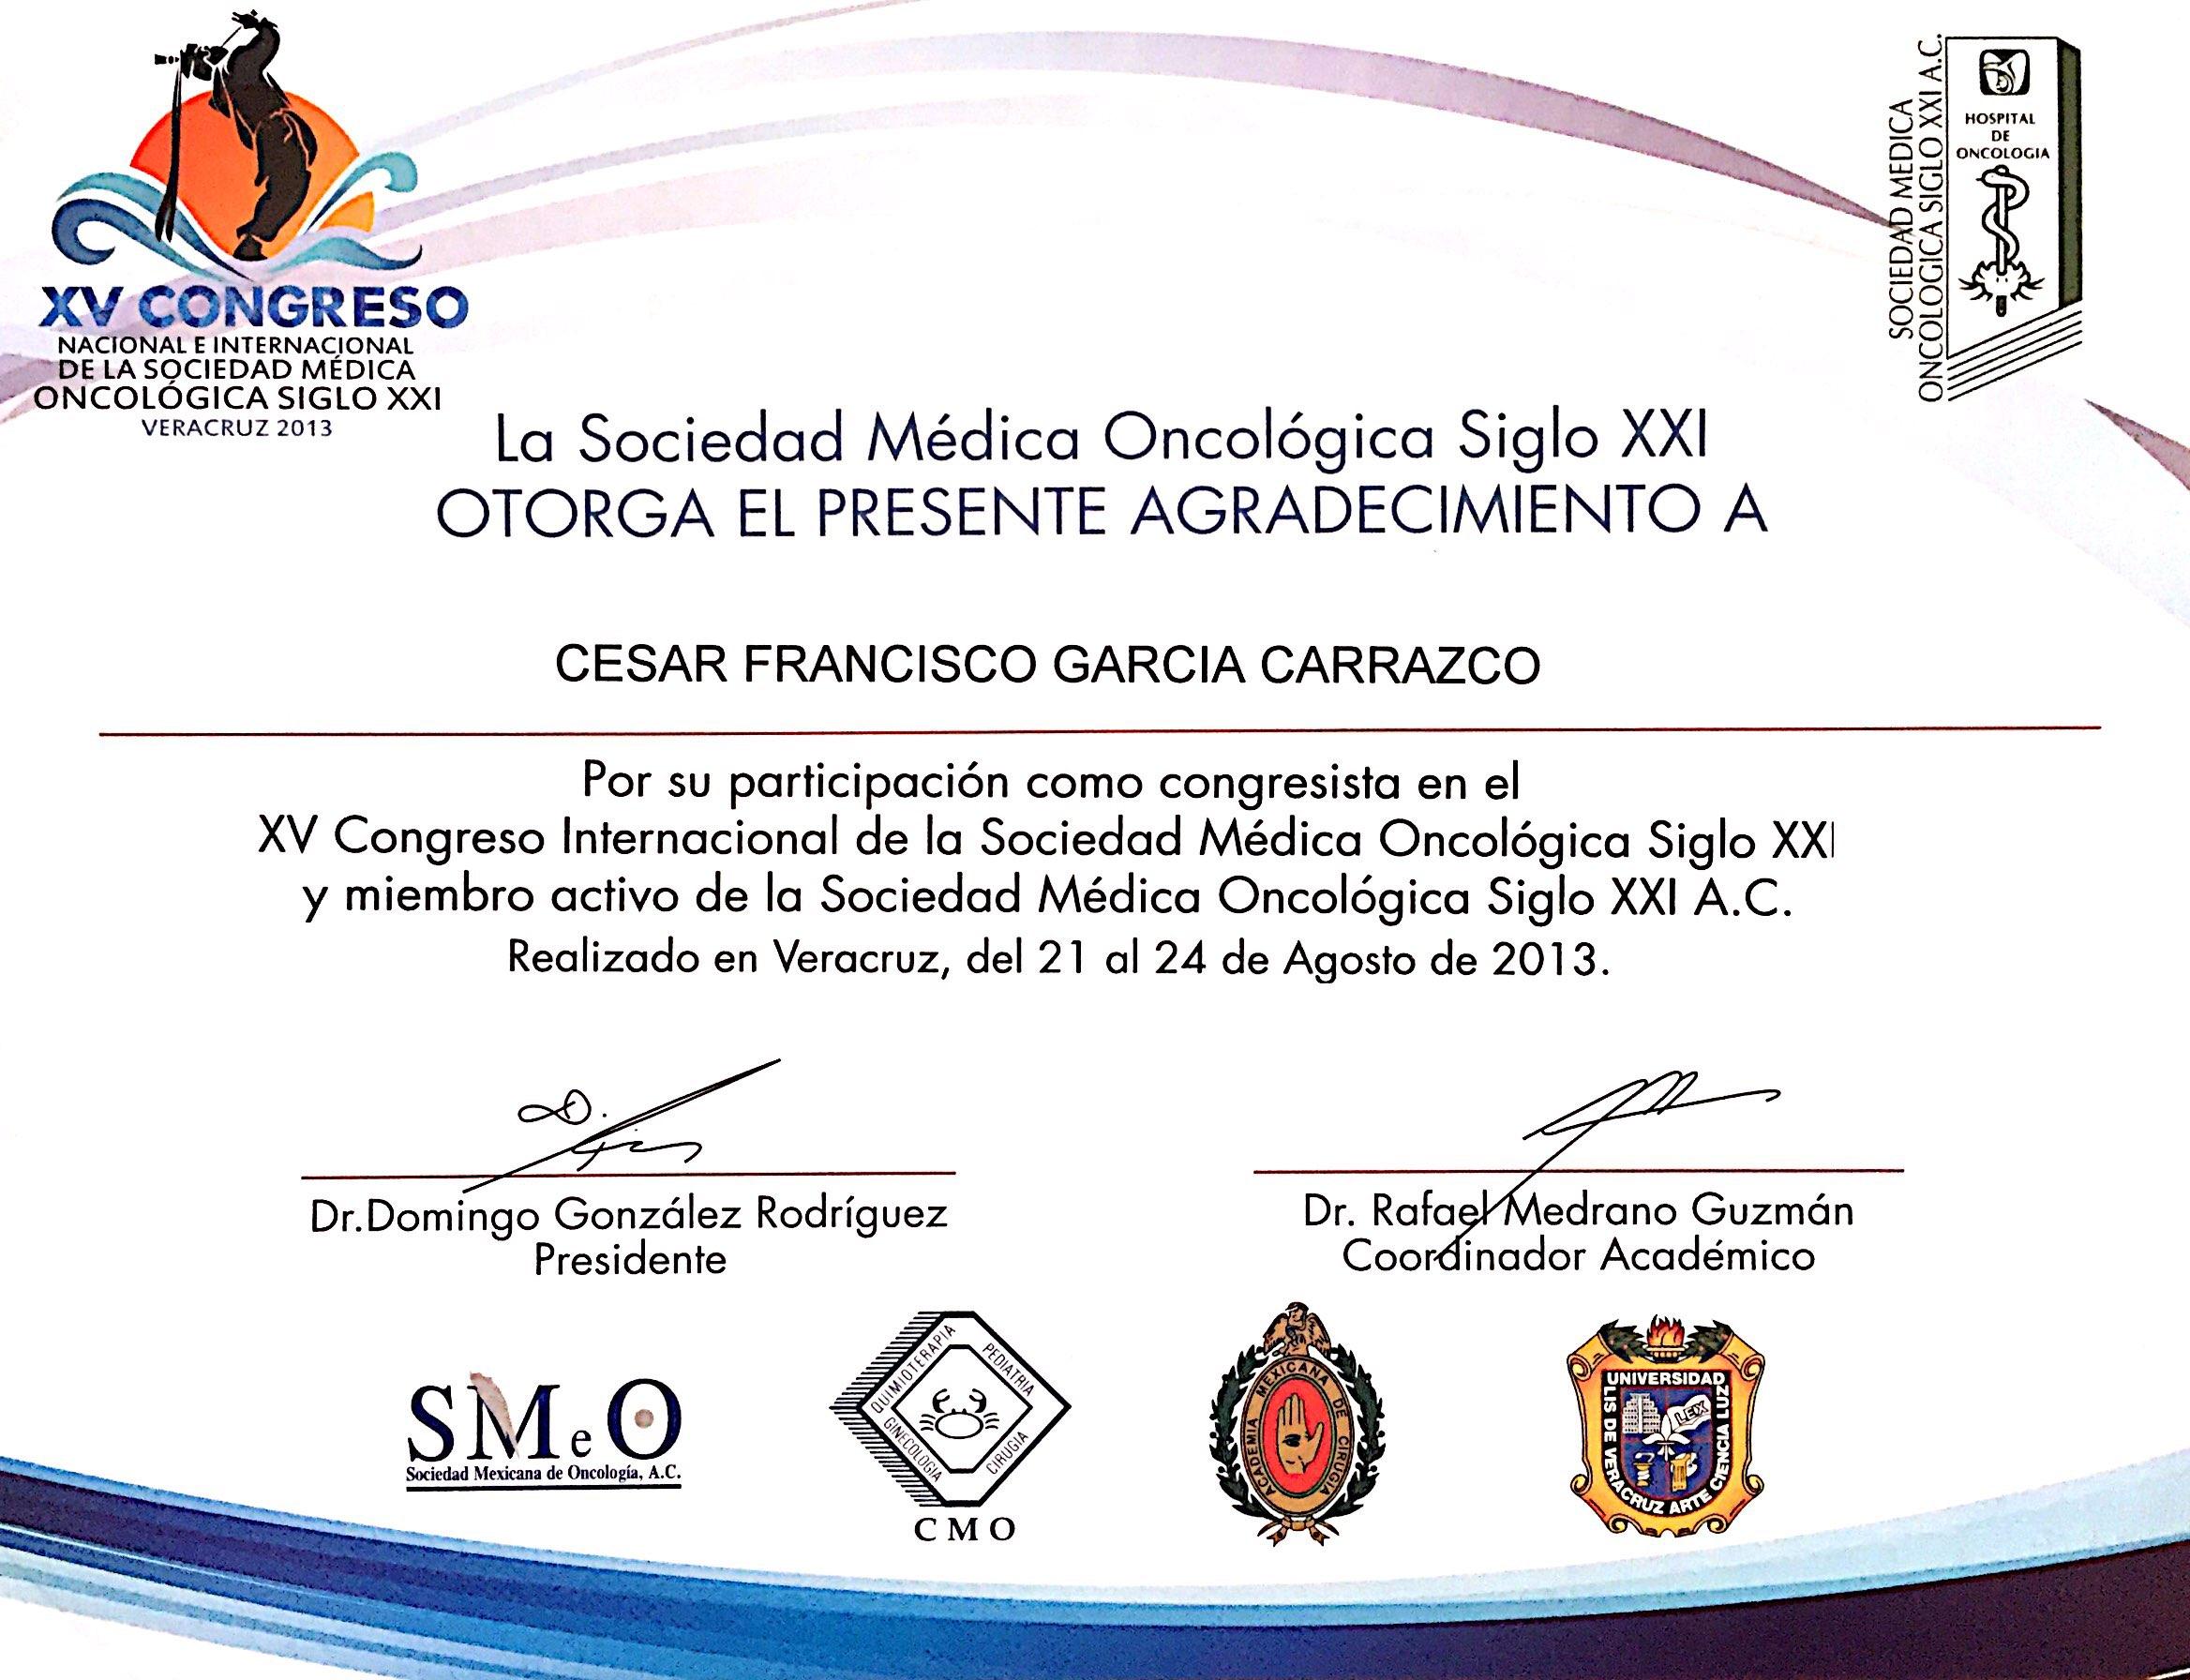 Dr. Garcia Carrazco_34